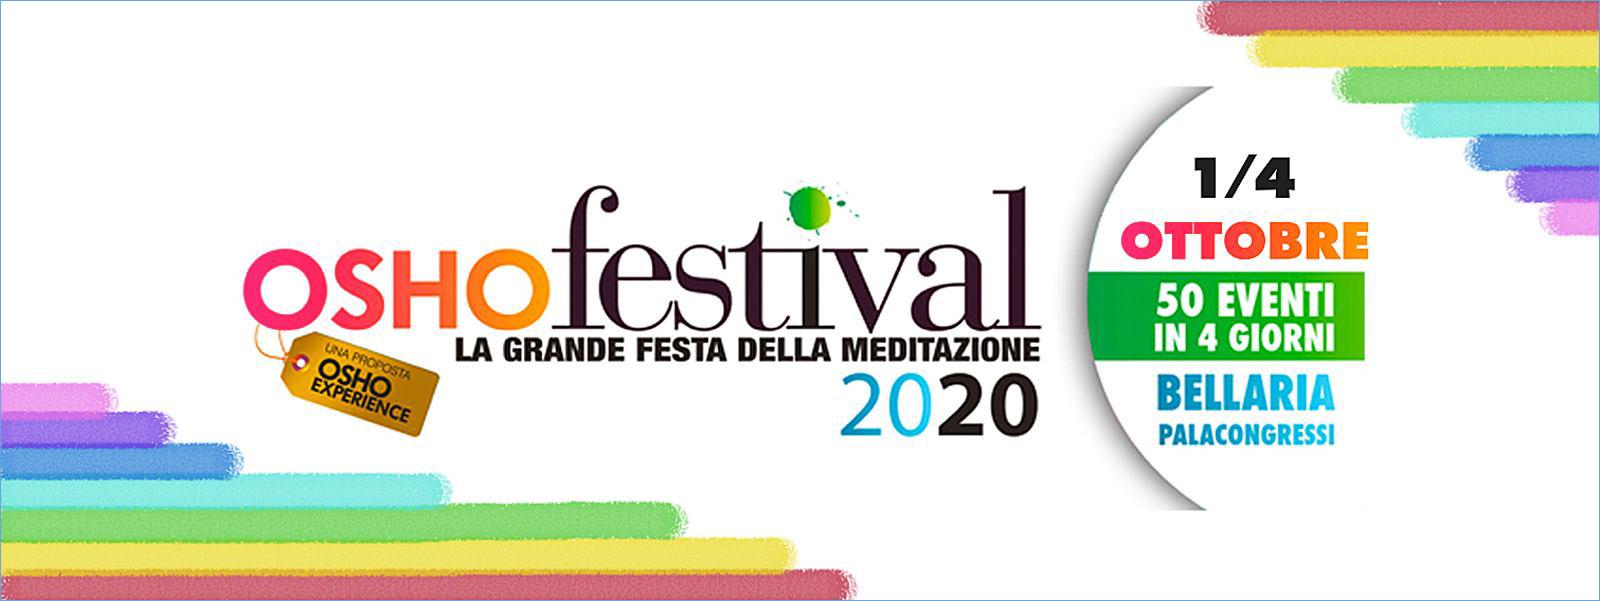 OSHO FESTIVAL 2020